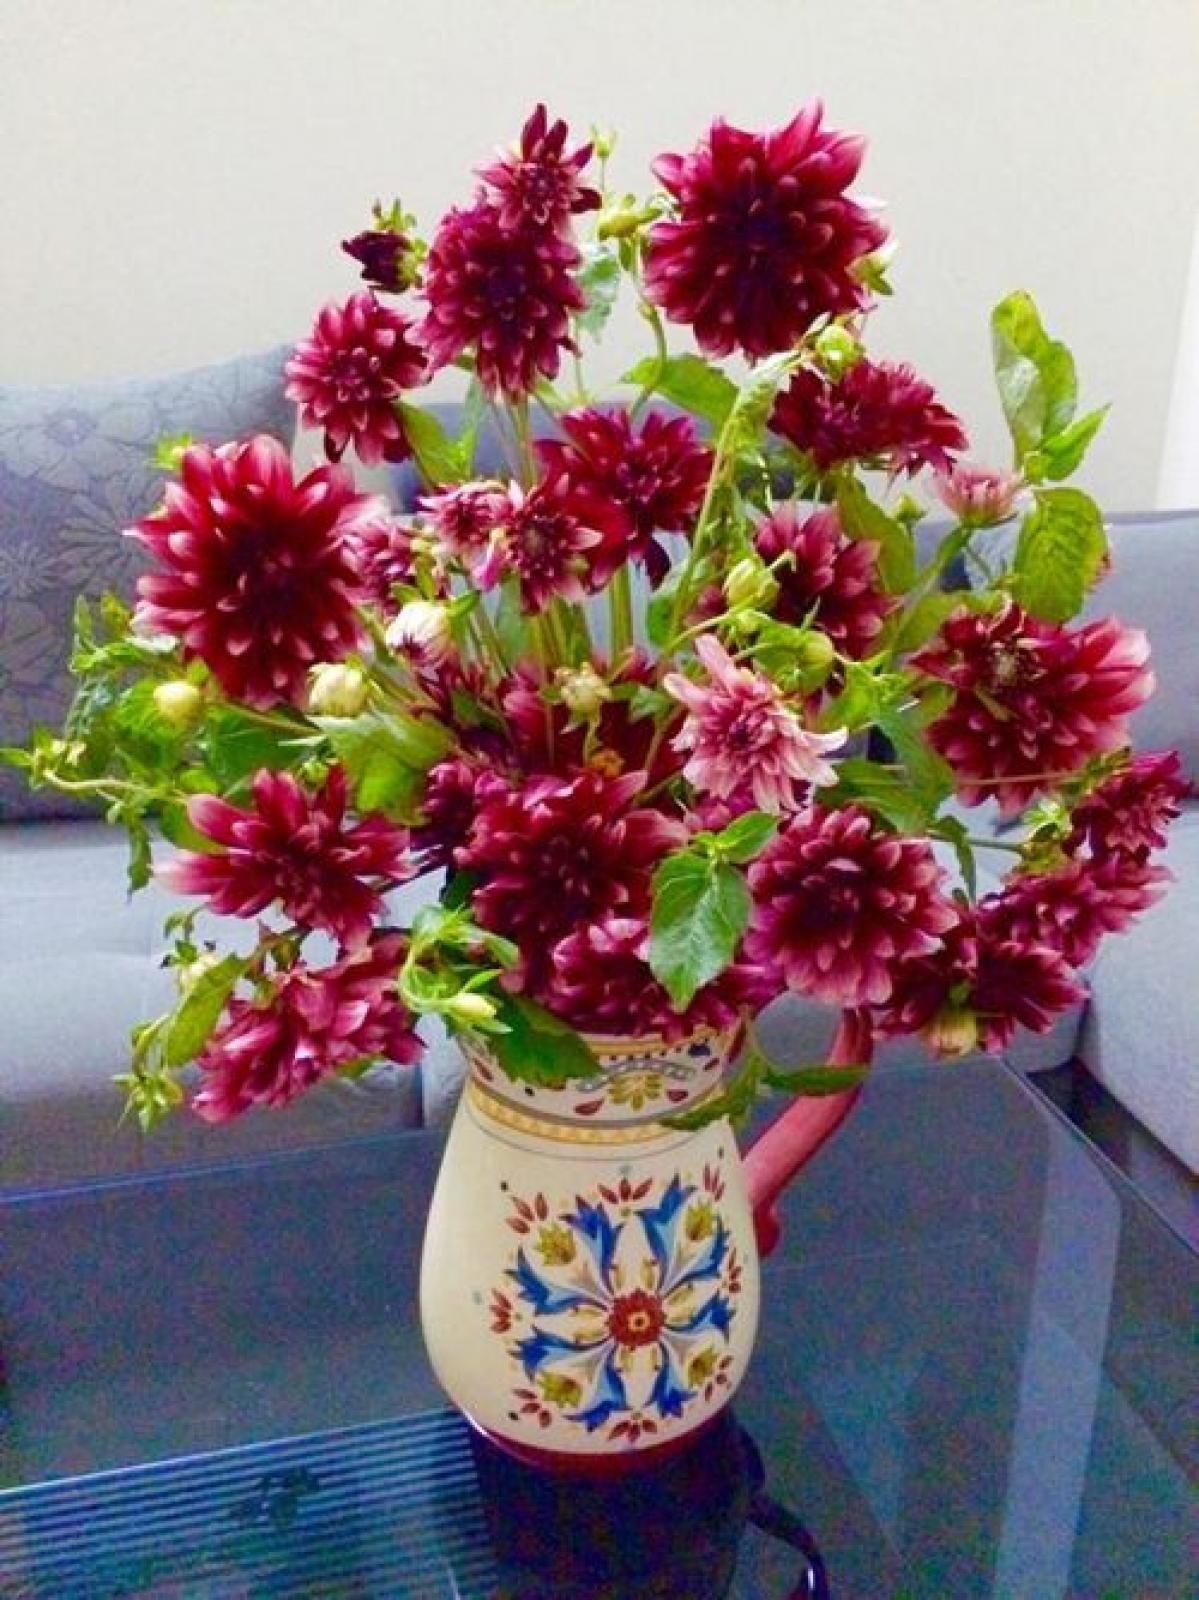 Lọ hoa thược dược trên mặt bàn